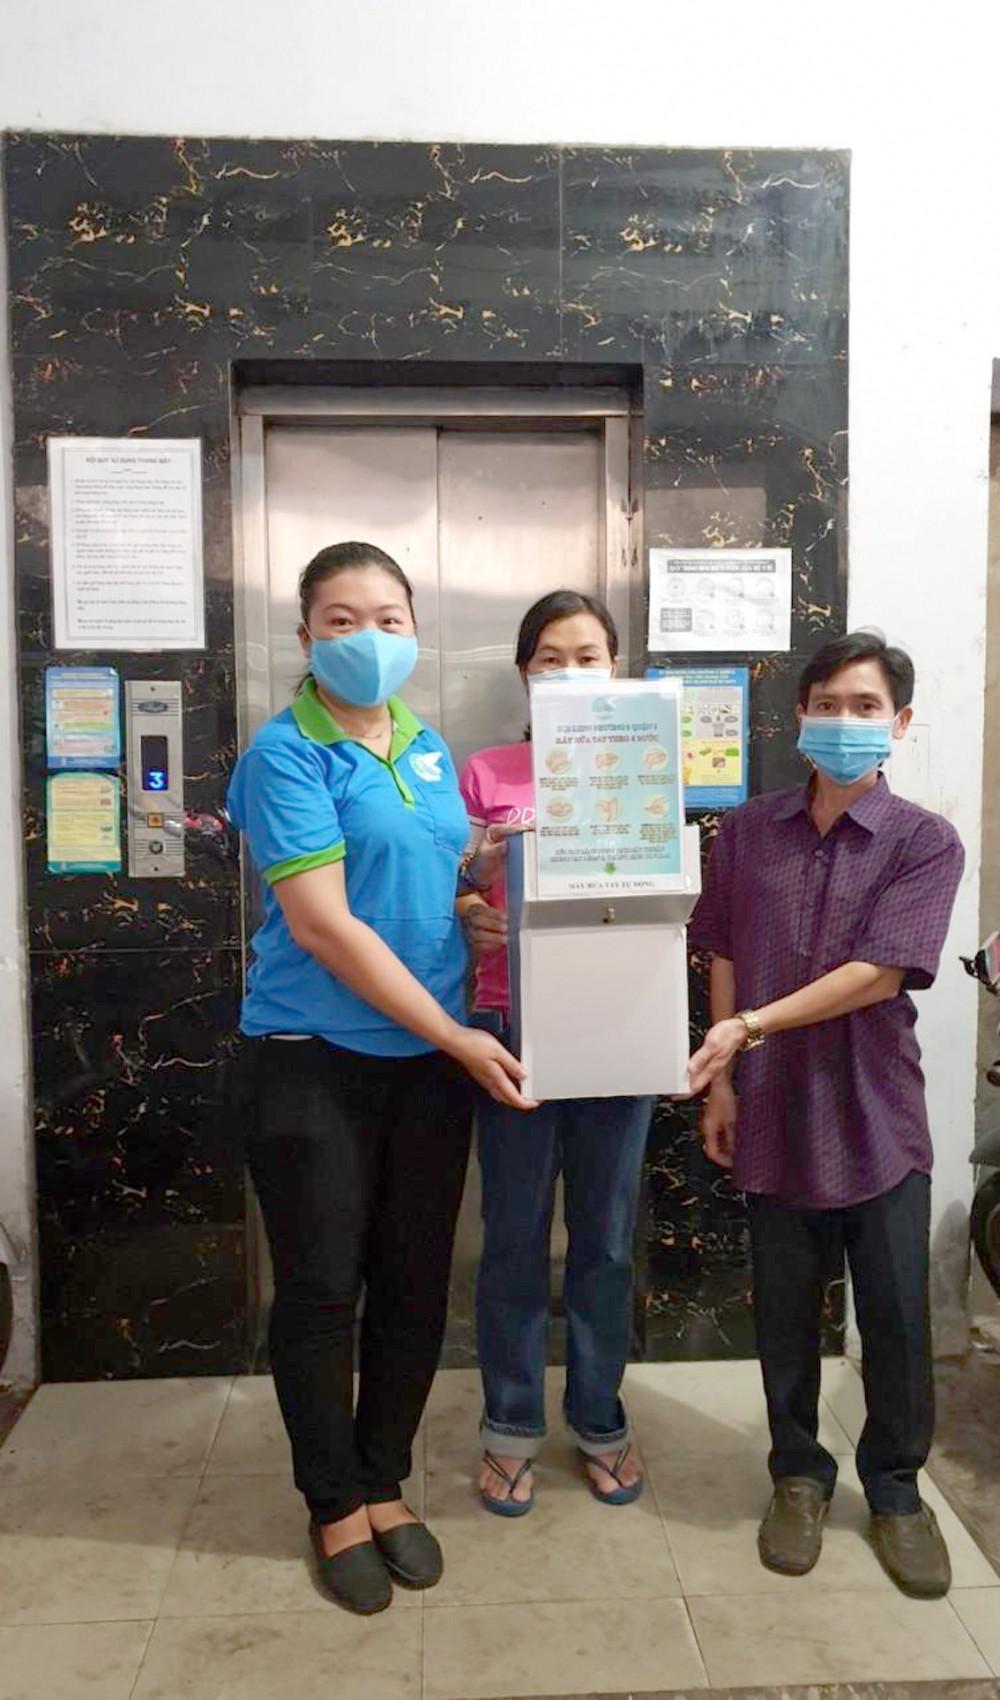 Máy rửa tay tự động được ráp sáng 11/4  tại chung cư 242 Phan Văn Khỏe, P.5,Q.6